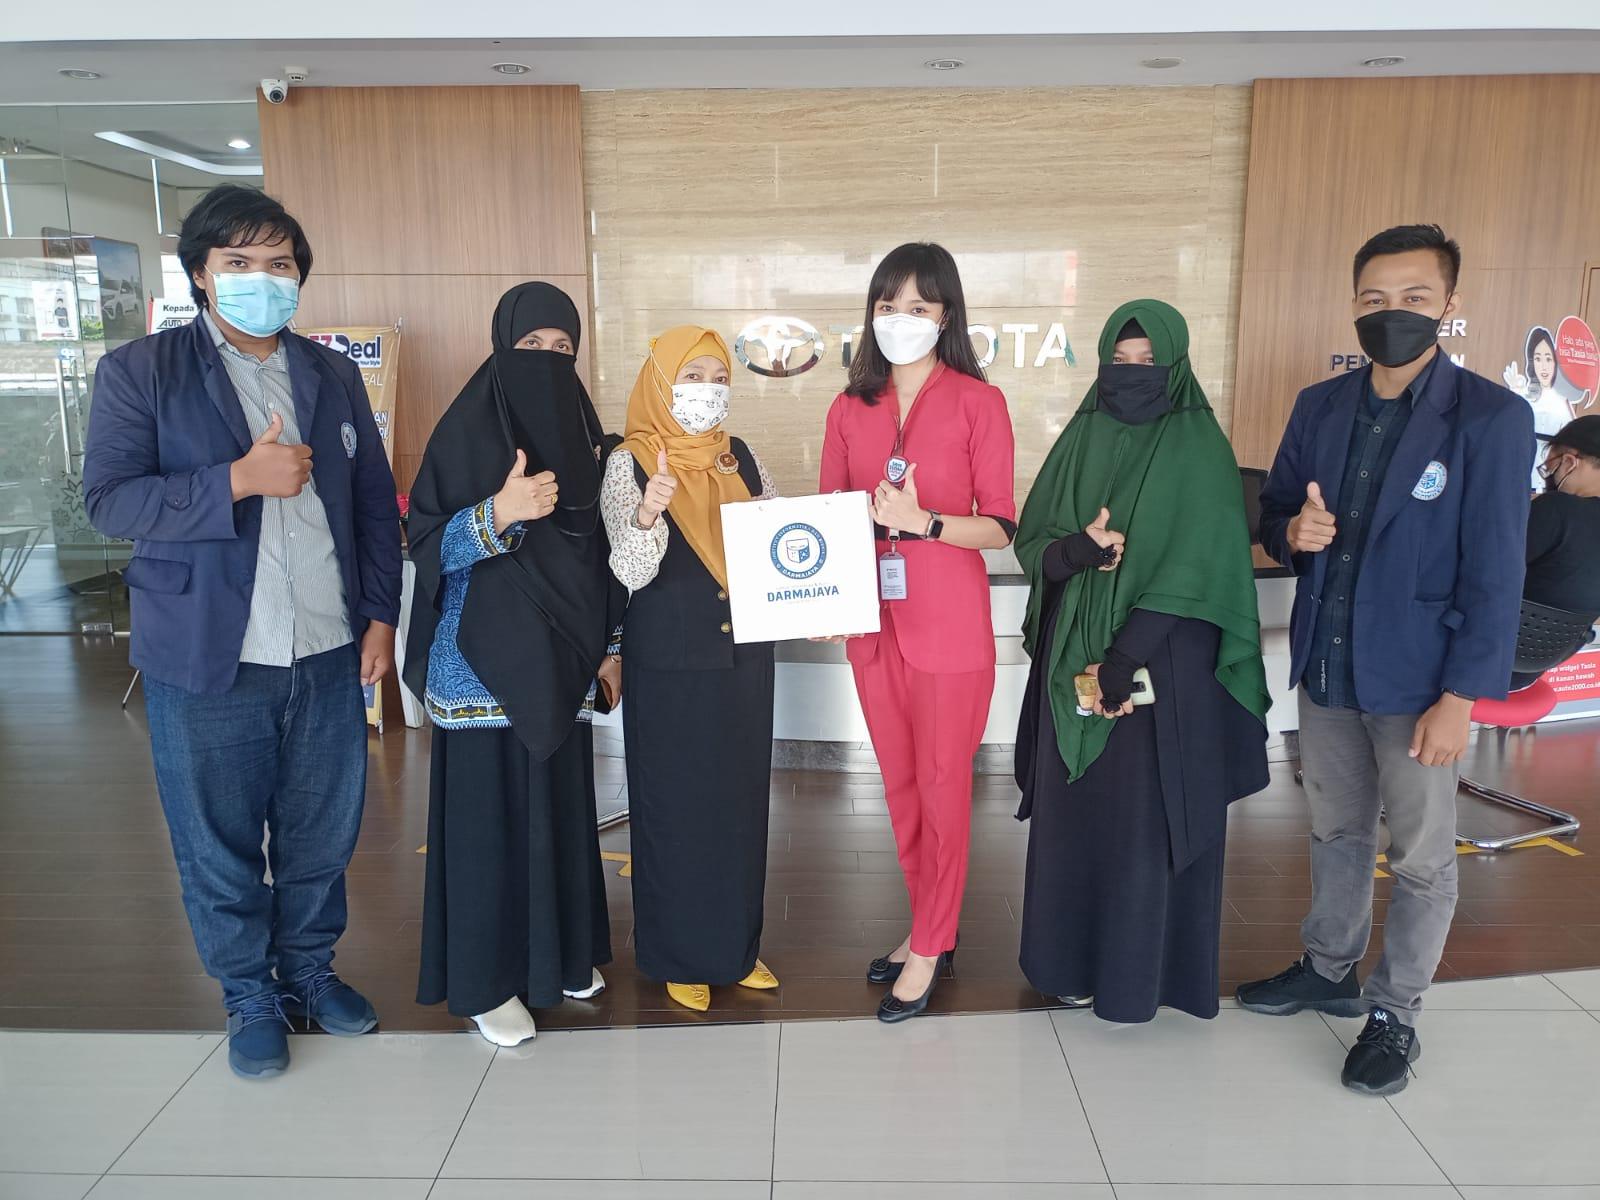 Mahasiswi Prodi Teknik Informatika IIB Darmajaya akan Jalani Studi Independen dan Praktik Kerja Industri dalam Gerakan Nasional Indonesia Kompeten